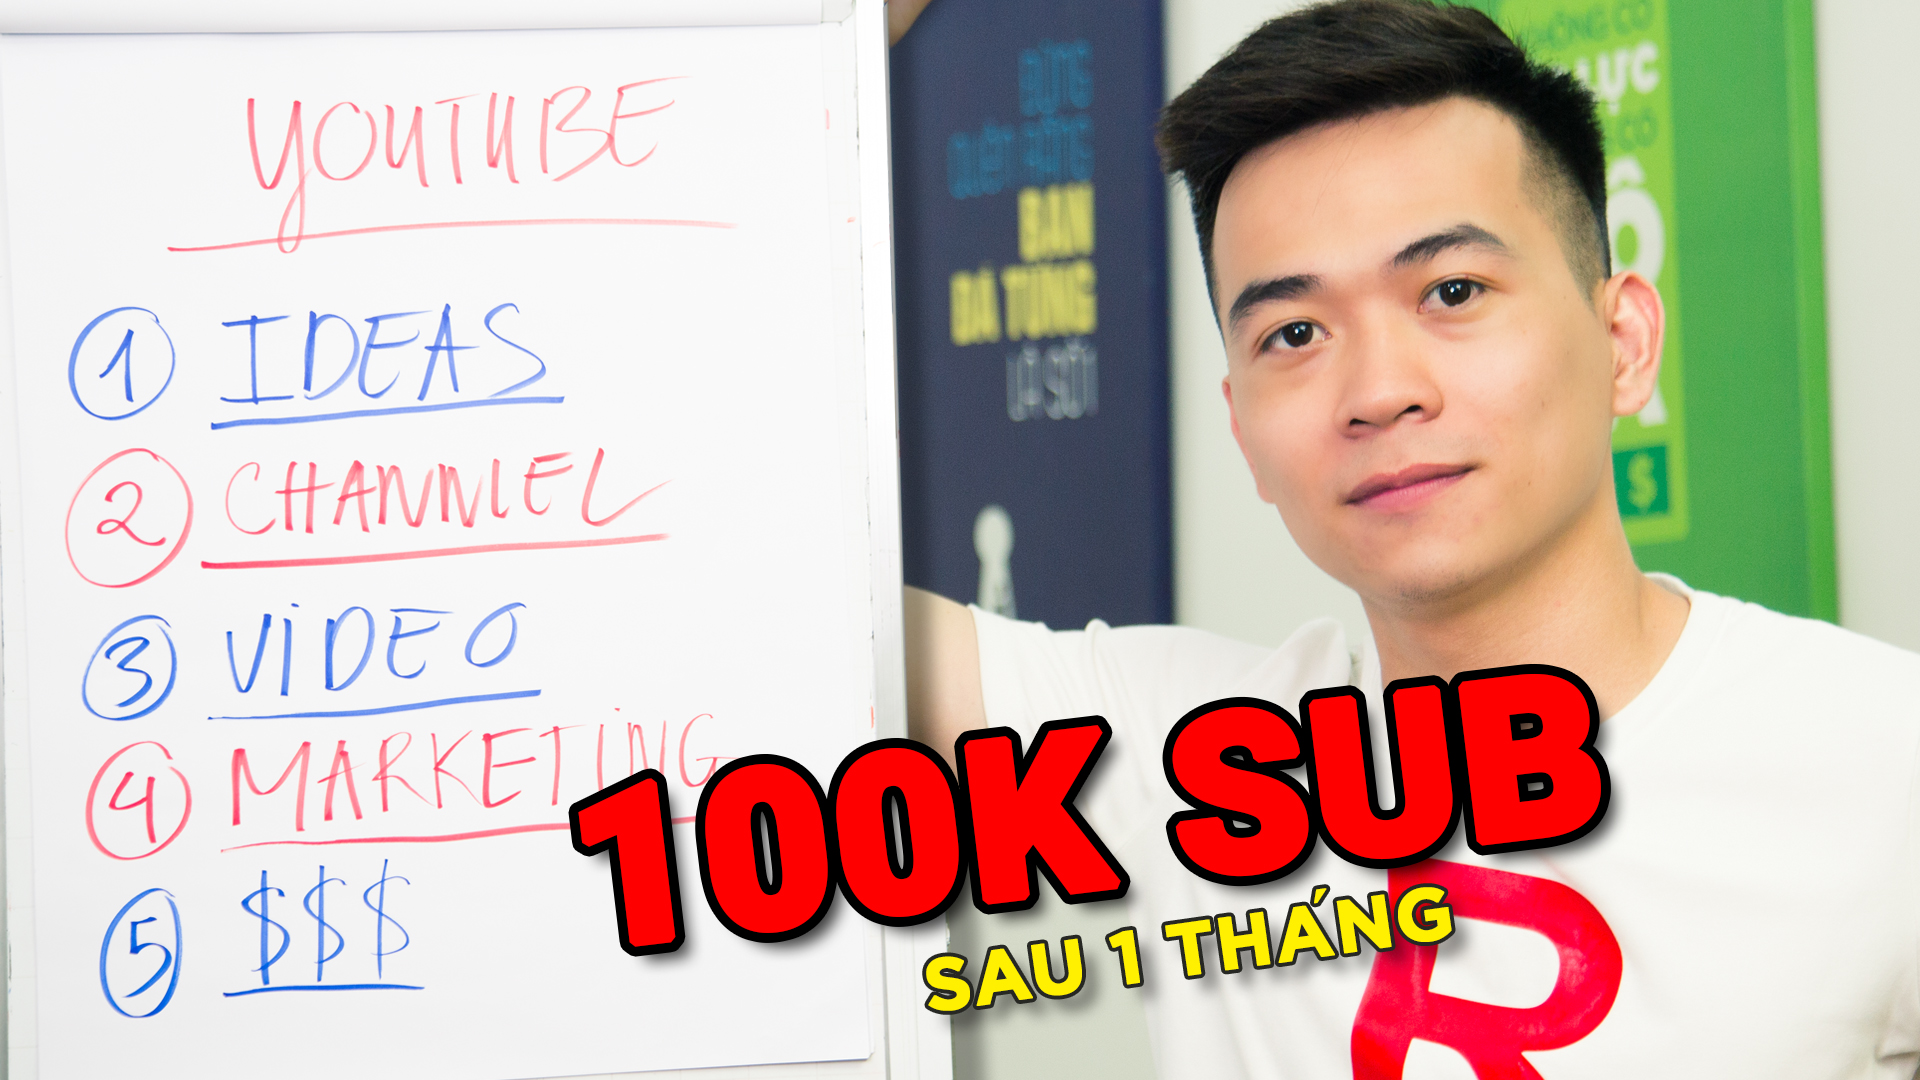 Quy Trình 5 Bước Xây Dựng Kênh YouTube Thành Công (Đạt 100.000 Người Đăng Ký/ Tháng)